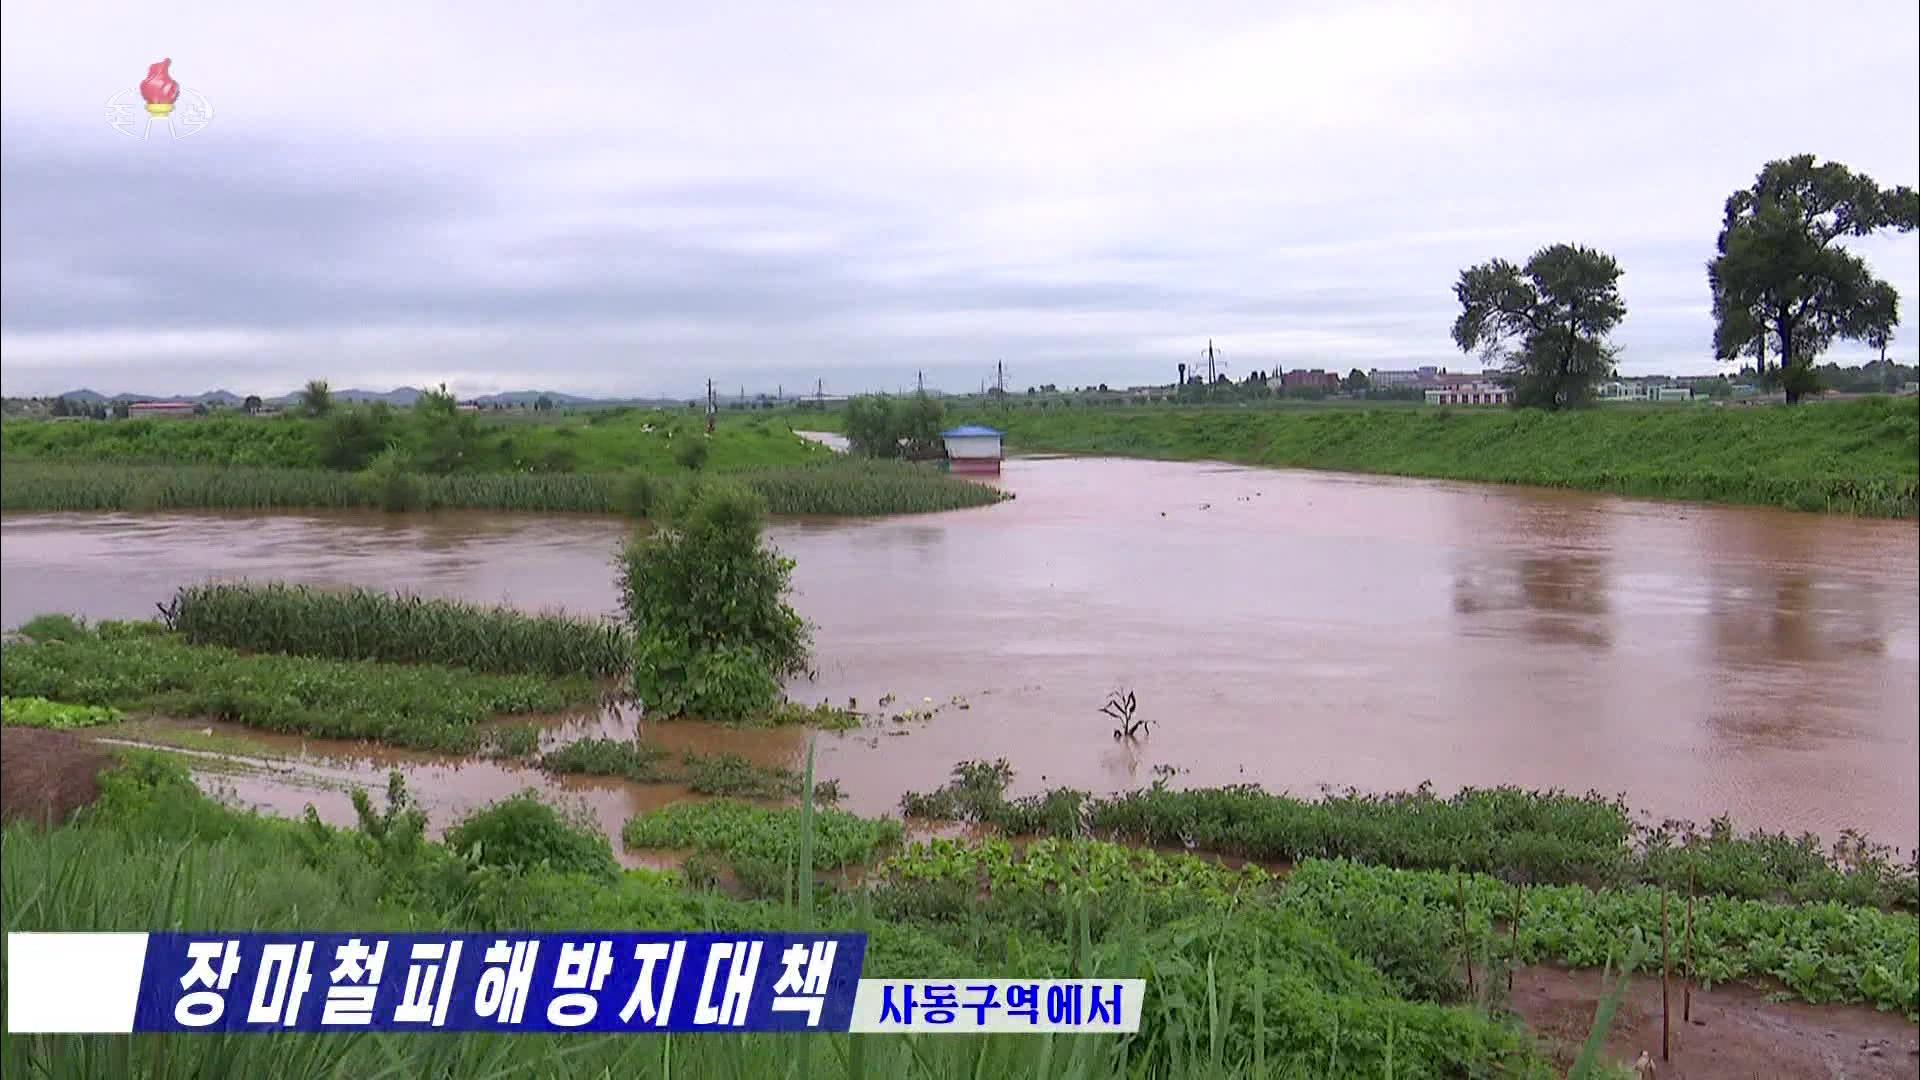 사진은 지난 6일 조선중앙TV에 보도된 북한 평양시 사동구역의 농경지 침수 피해 현장. 연합뉴스